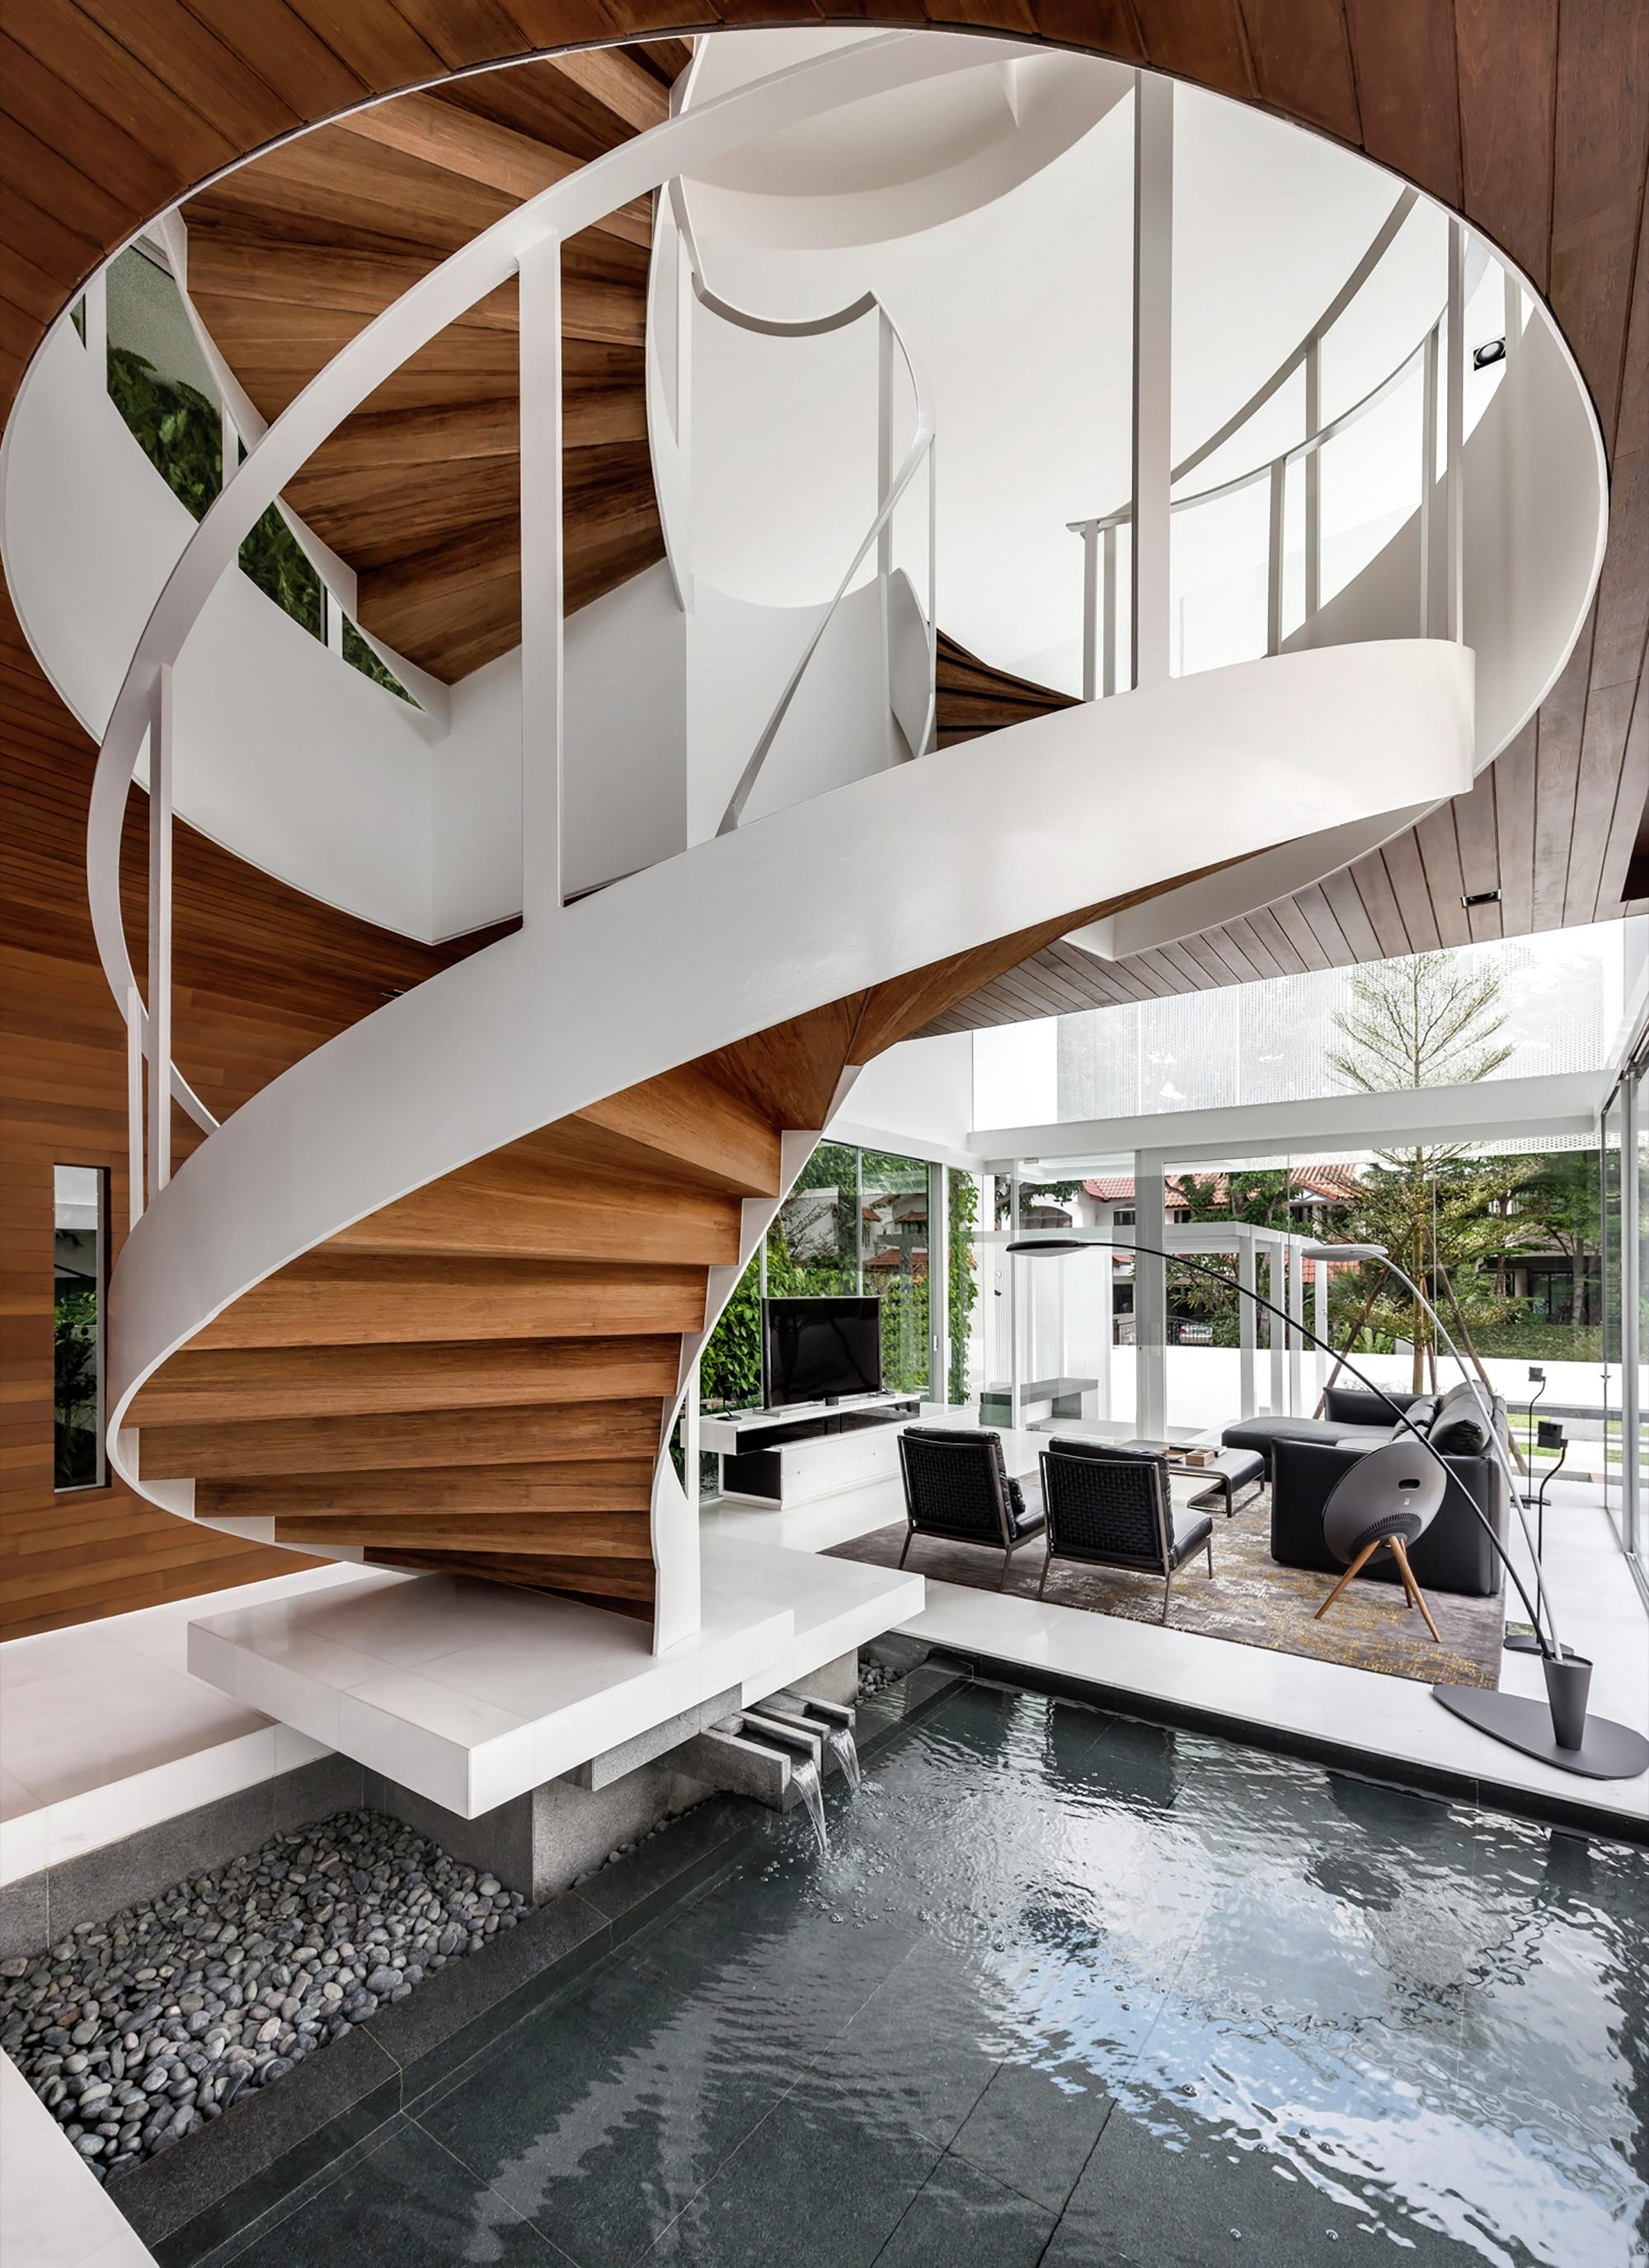 Dise o de escaleras modernas ovaladas construye hogar for Diseno de piletas modernas